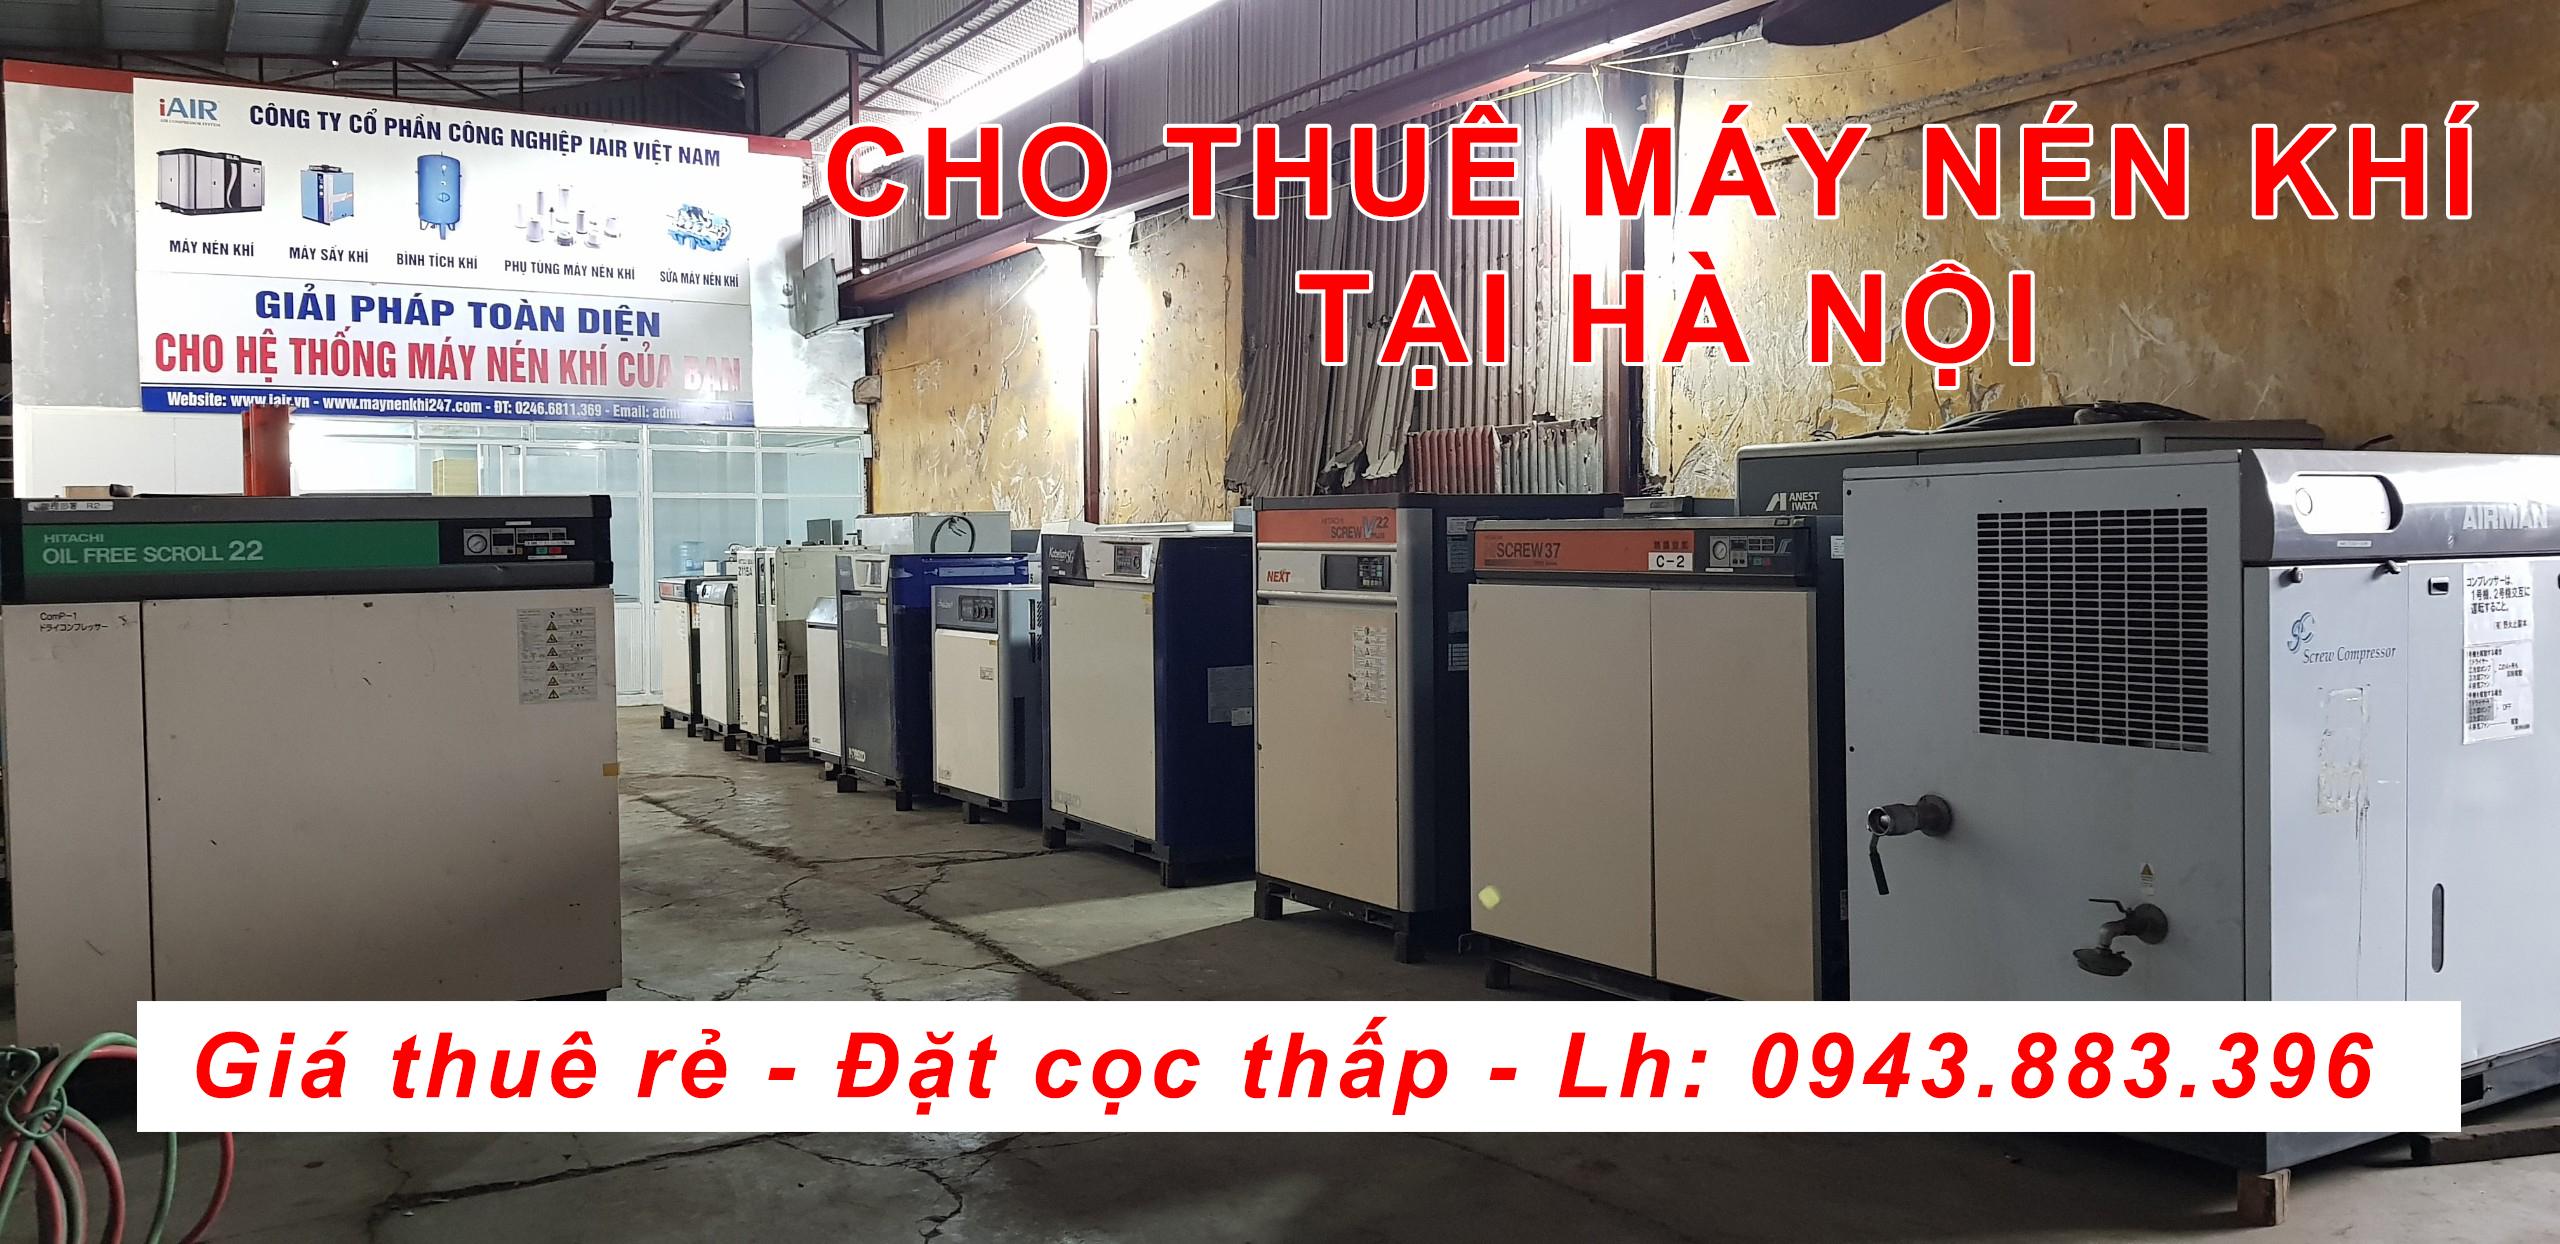 cho-thue-may-nen-khi-tai-ha-noi-gia-re